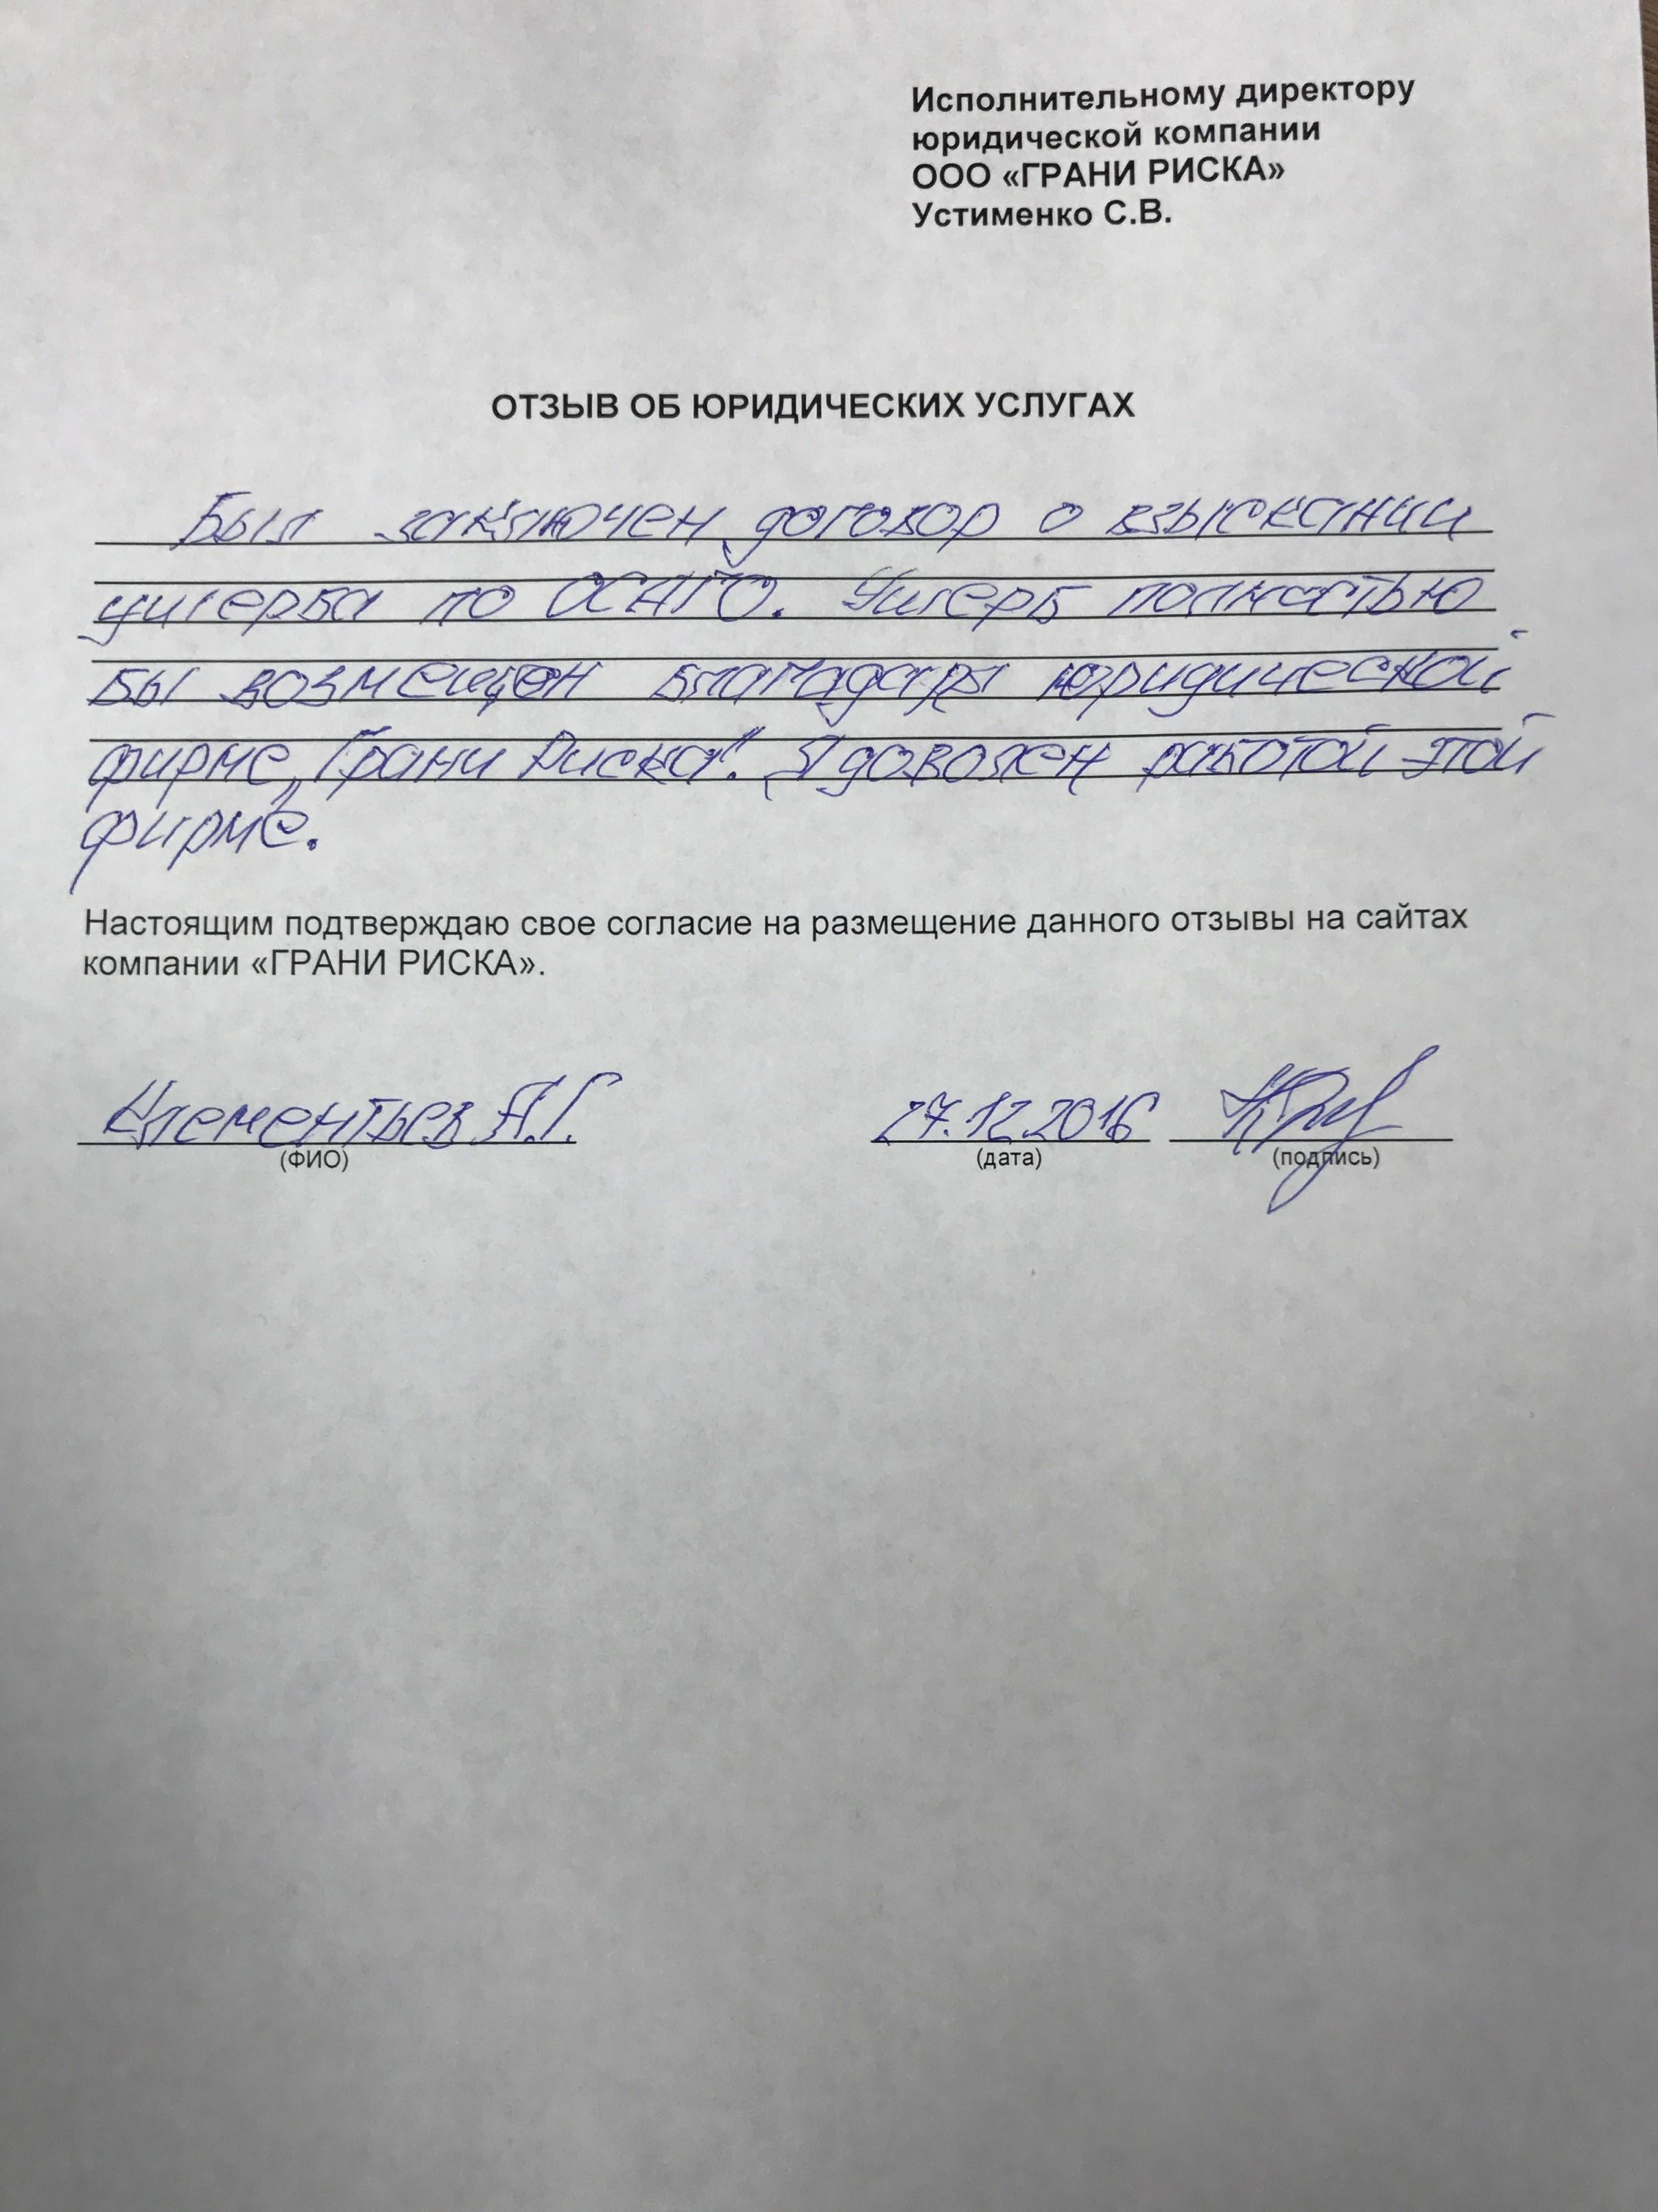 Отзыв Клементьева А.Г.